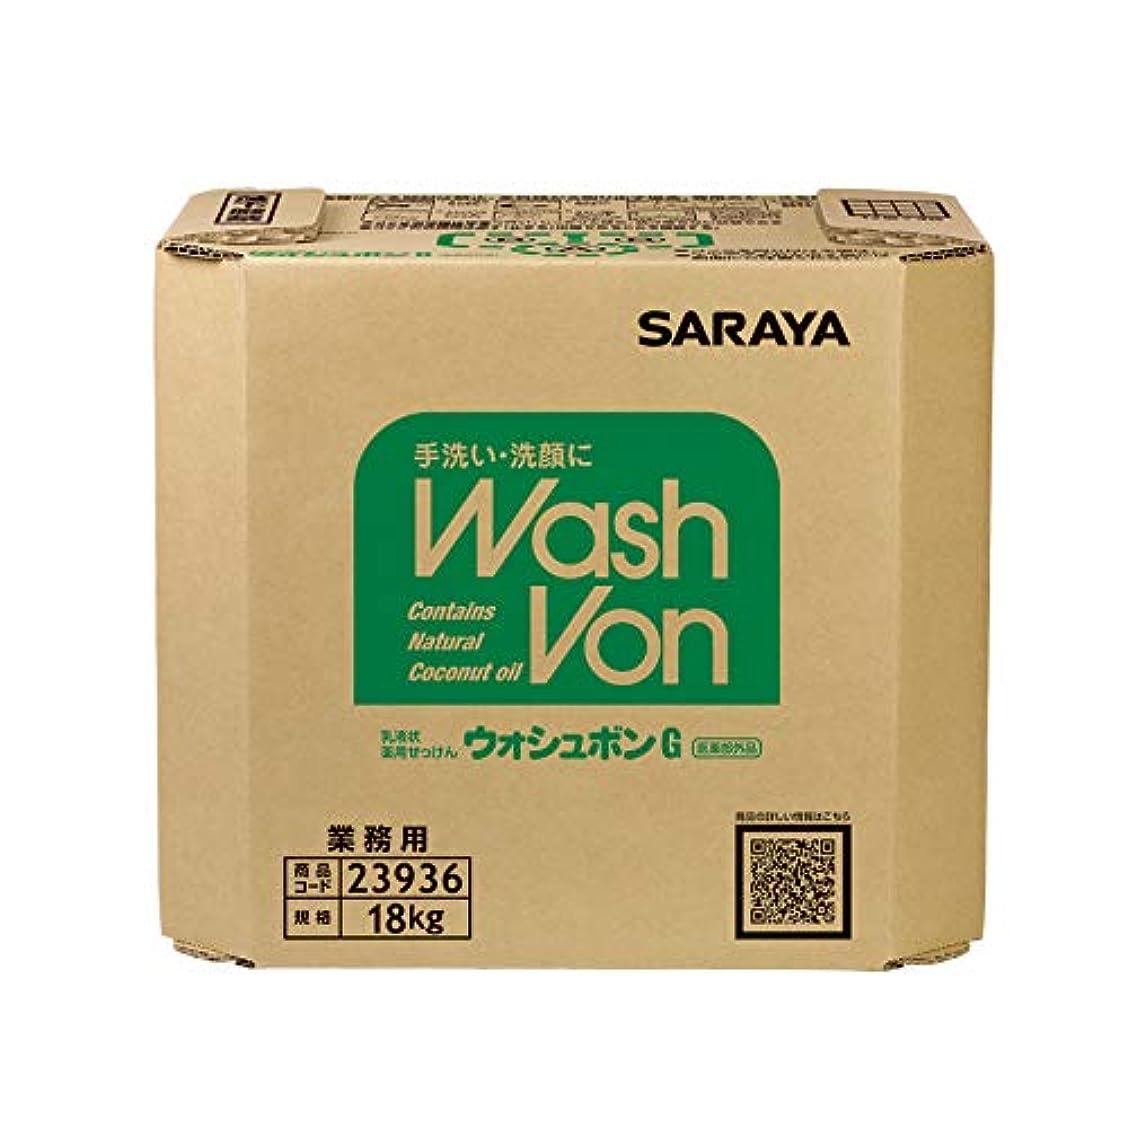 。上がる必需品サラヤ ウォシュボン G 18kg 23936 (コック付き)